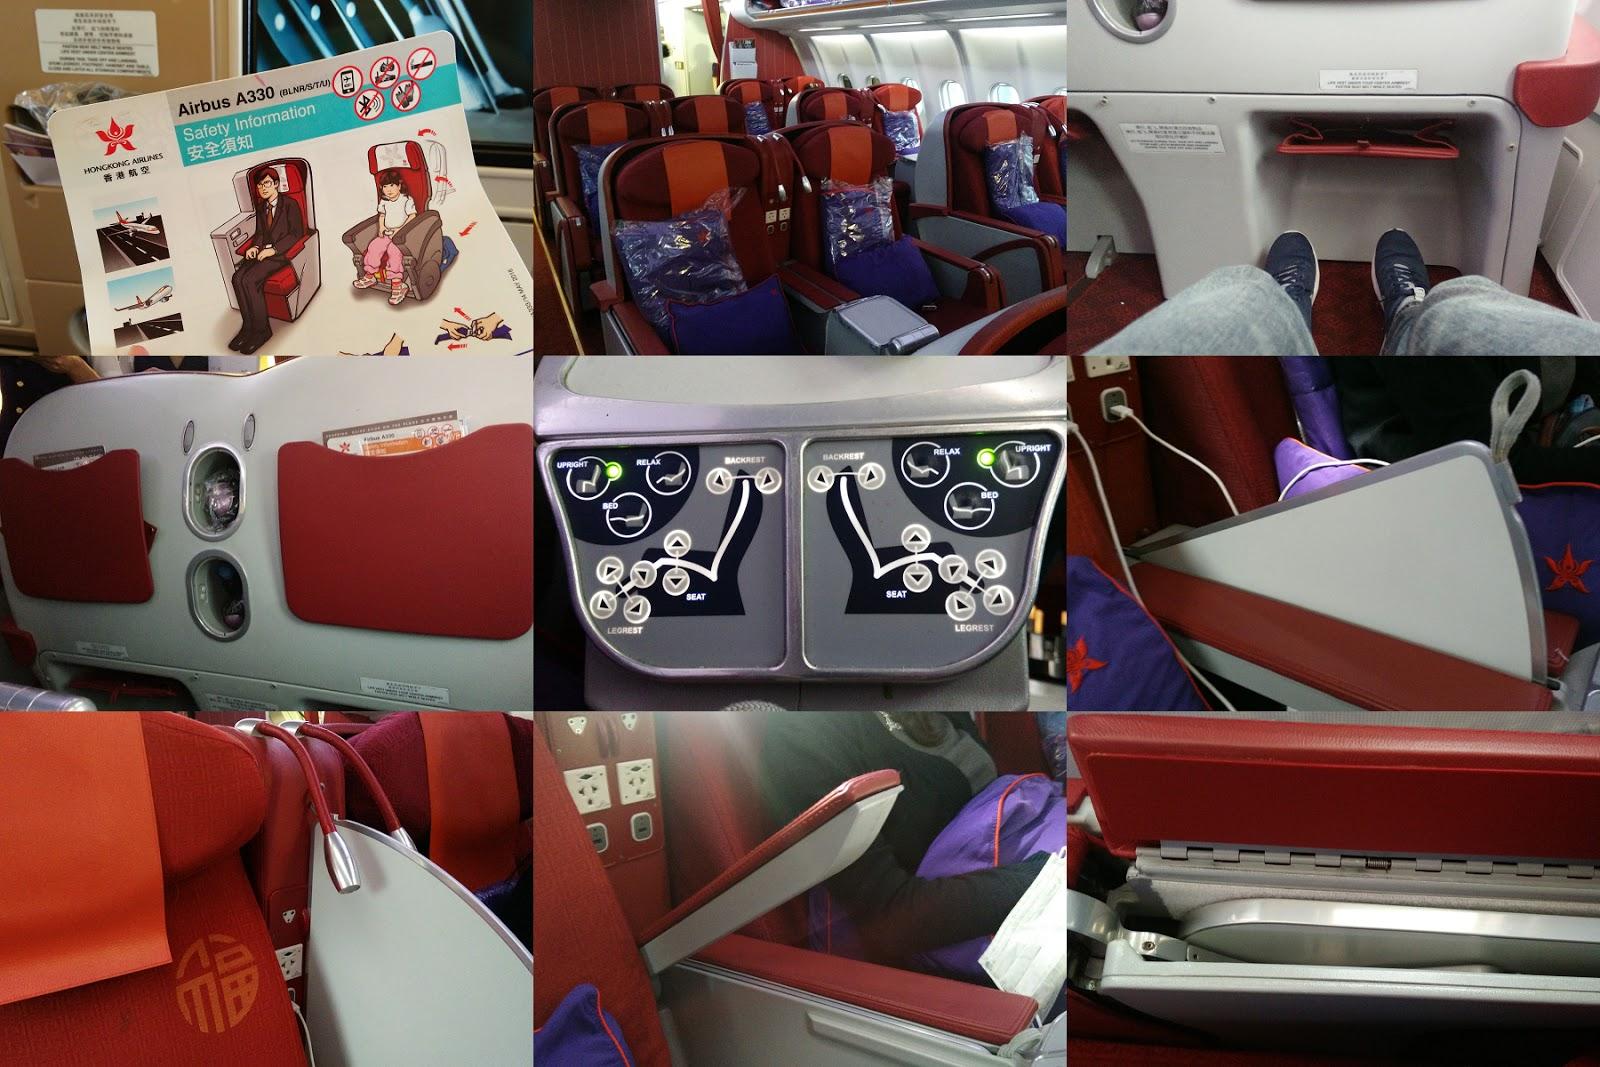 黑老闆說︱回程也是香港航空A330-300,但是座椅不同,較新,但仍不是平躺包廂式,最是兩張座位間有個隔板可以拉上。